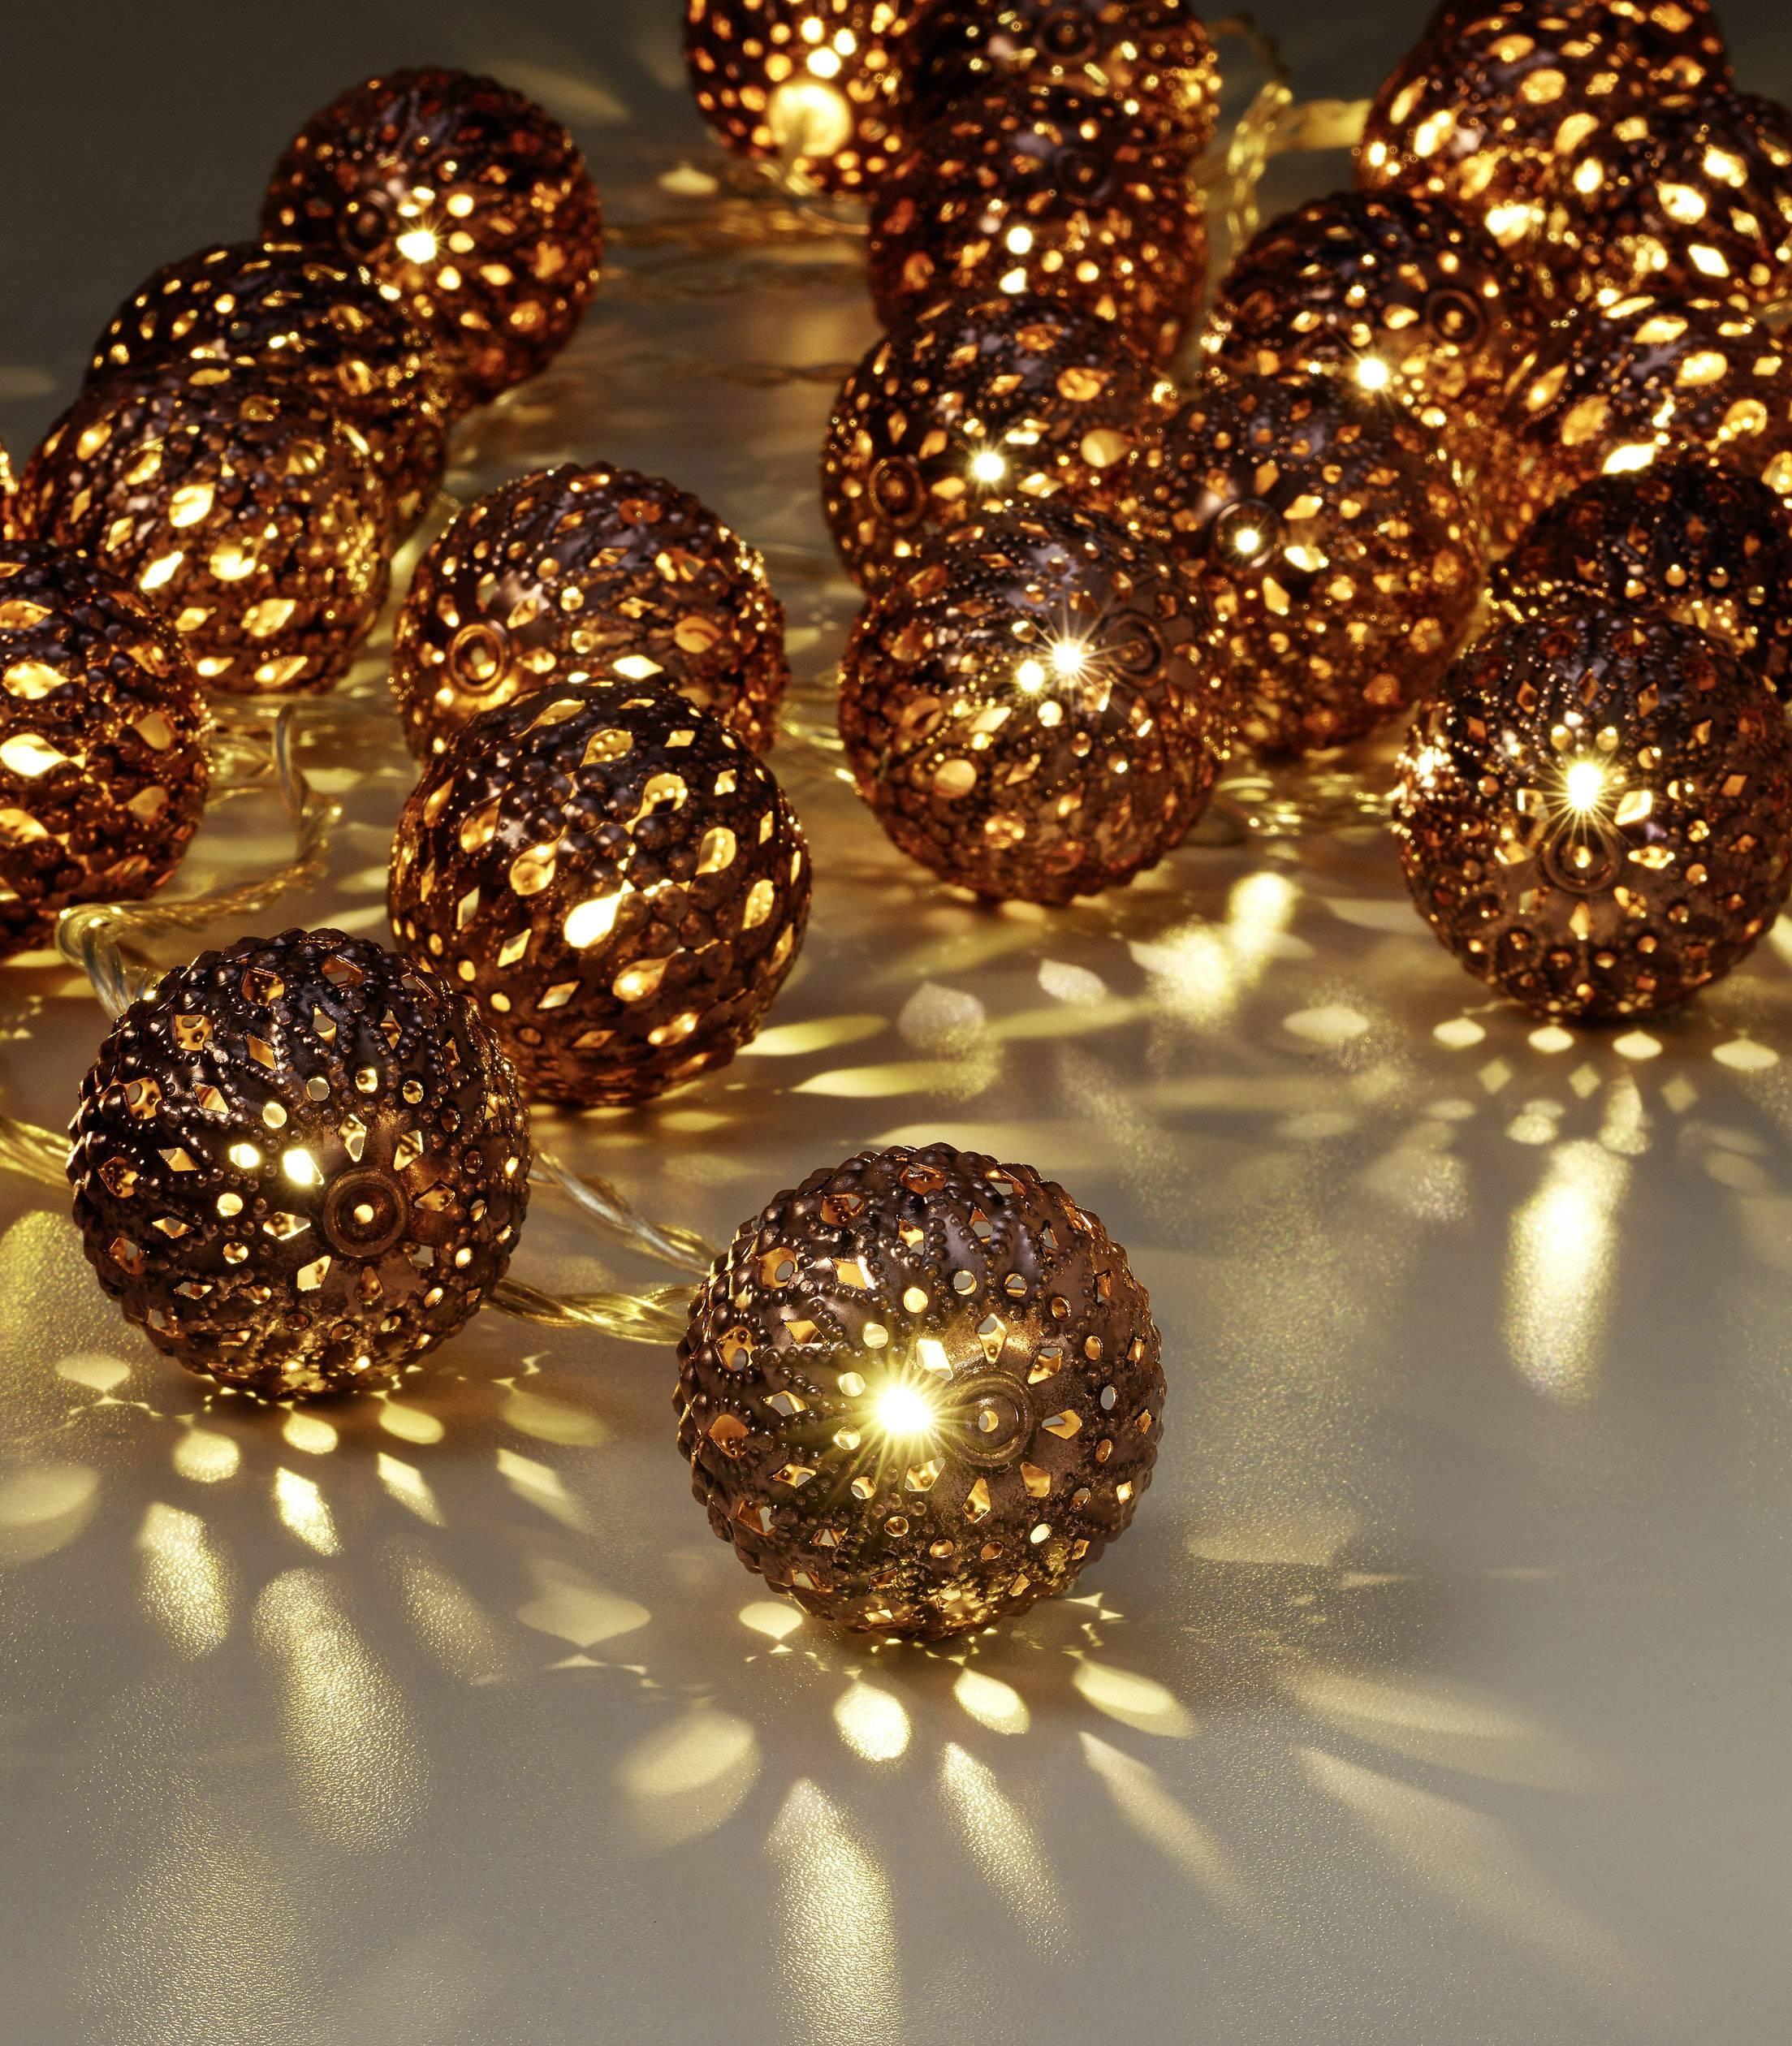 LED světelný řetěz s motivem Polarlite PLKL-30WWC, vánoční koule, vnitřní PL-8393440, 230 V, LED 30, teplá bílá, 3 m